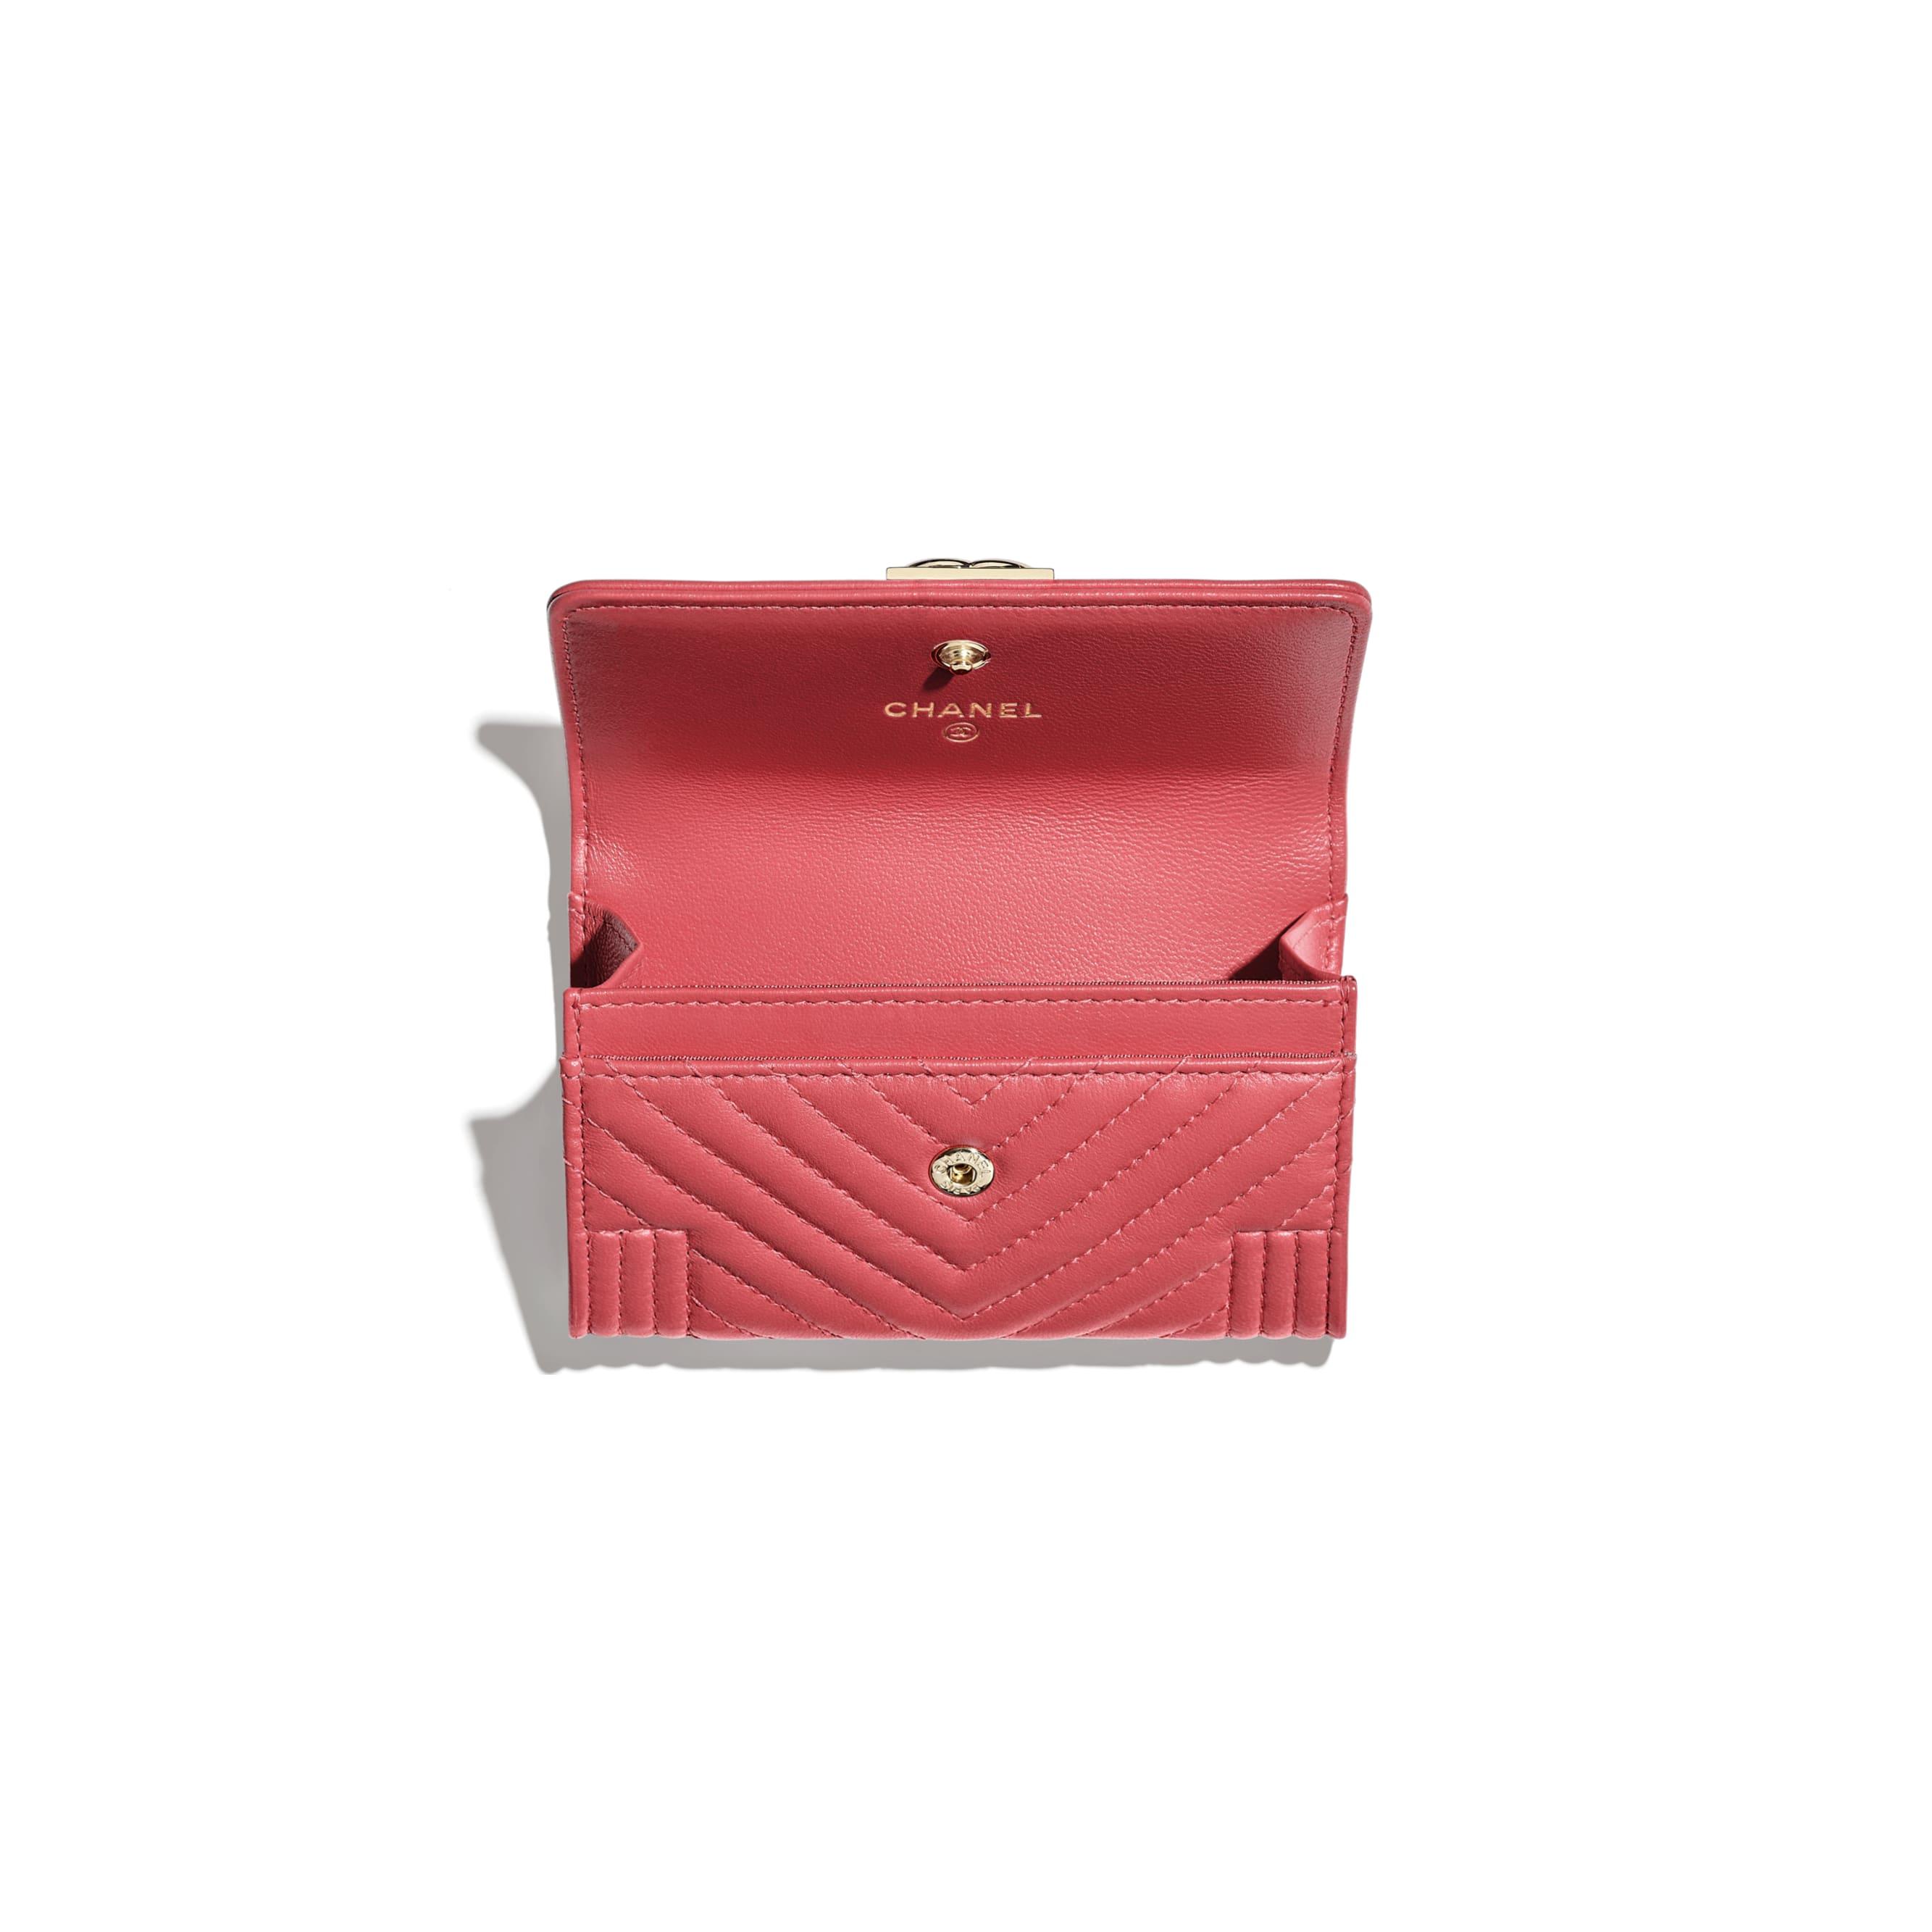 Porte-cartes à rabat BOY CHANEL - Rose - Agneau & métal doré - CHANEL - Autre vue - voir la version taille standard